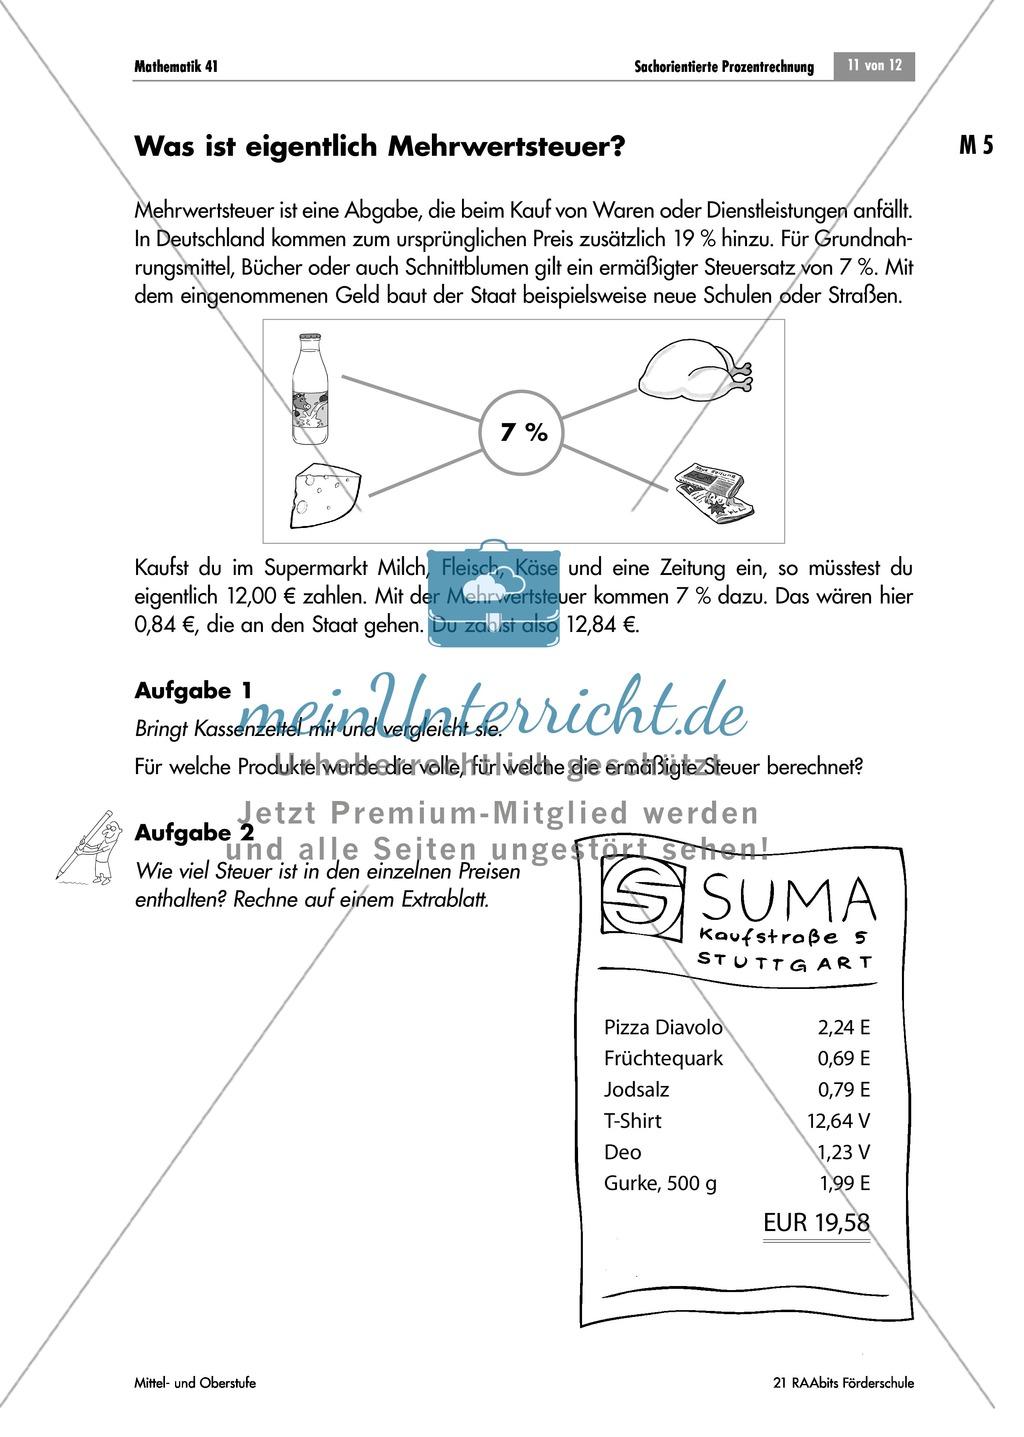 2 Skonto Berechnen : sachorientierte prozentrechnung aufgaben zu rabatt ~ Themetempest.com Abrechnung